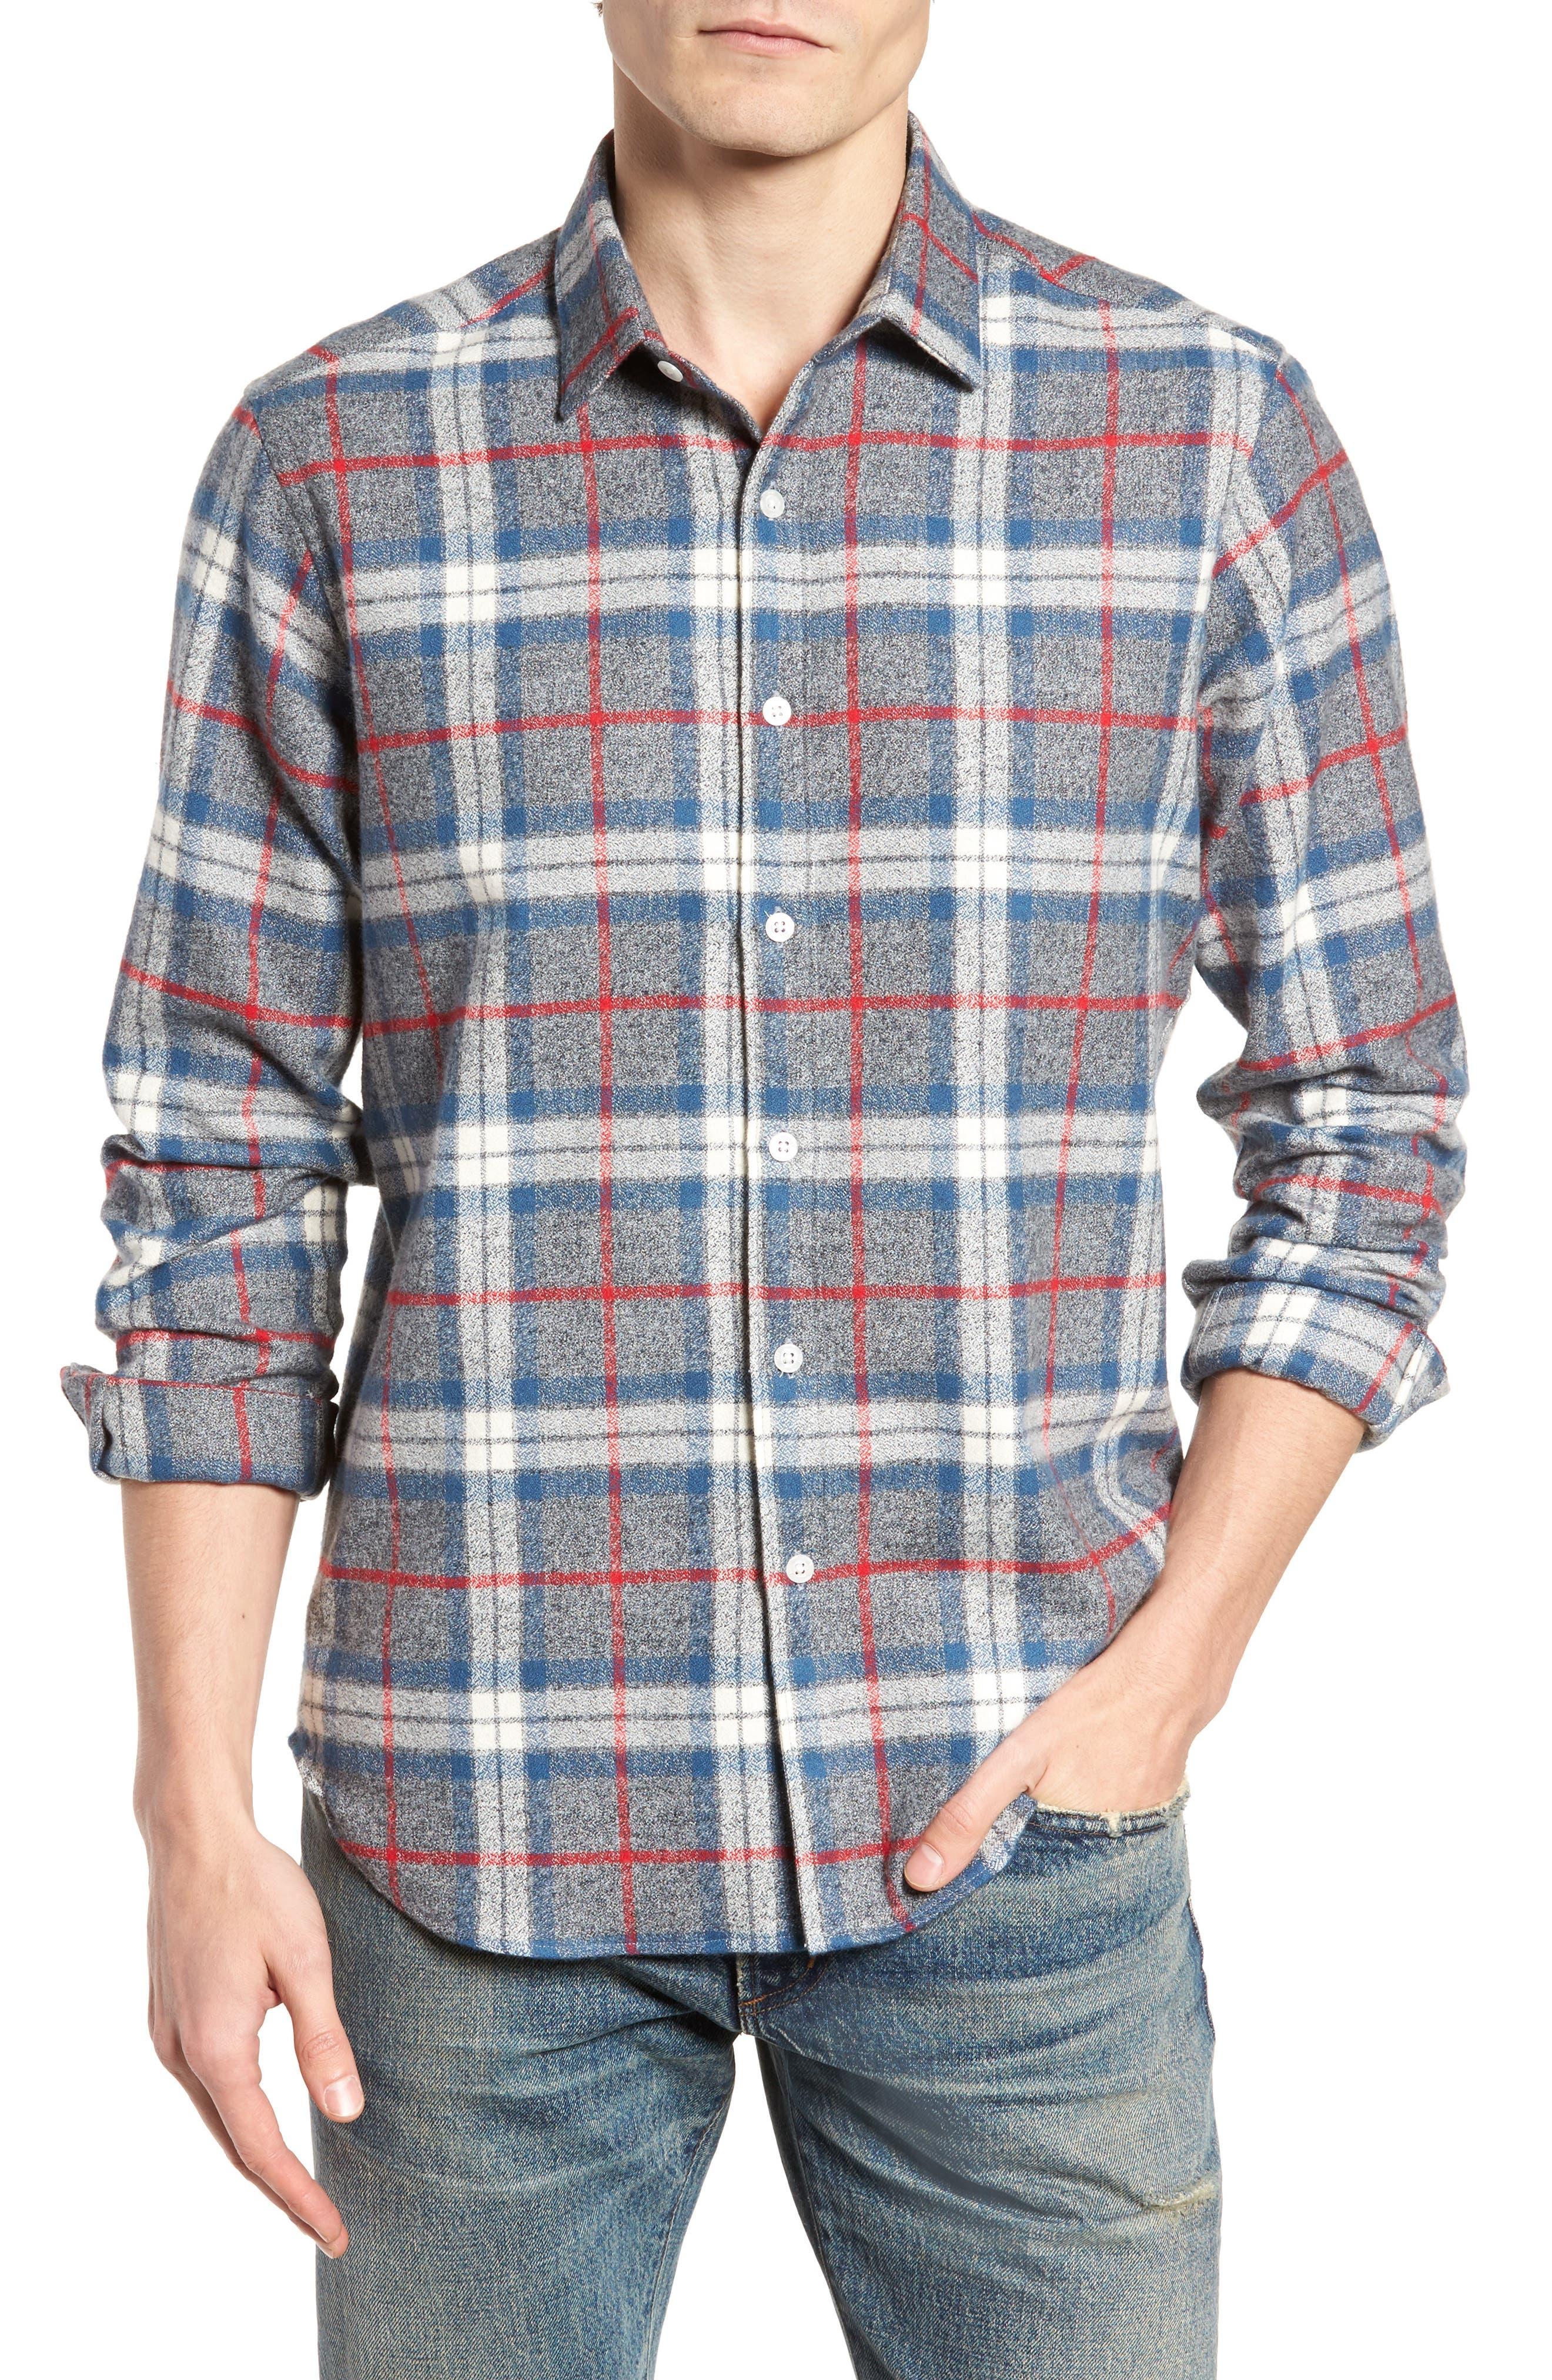 Jeff Brattleb Slim Fit Plaid Sport Shirt